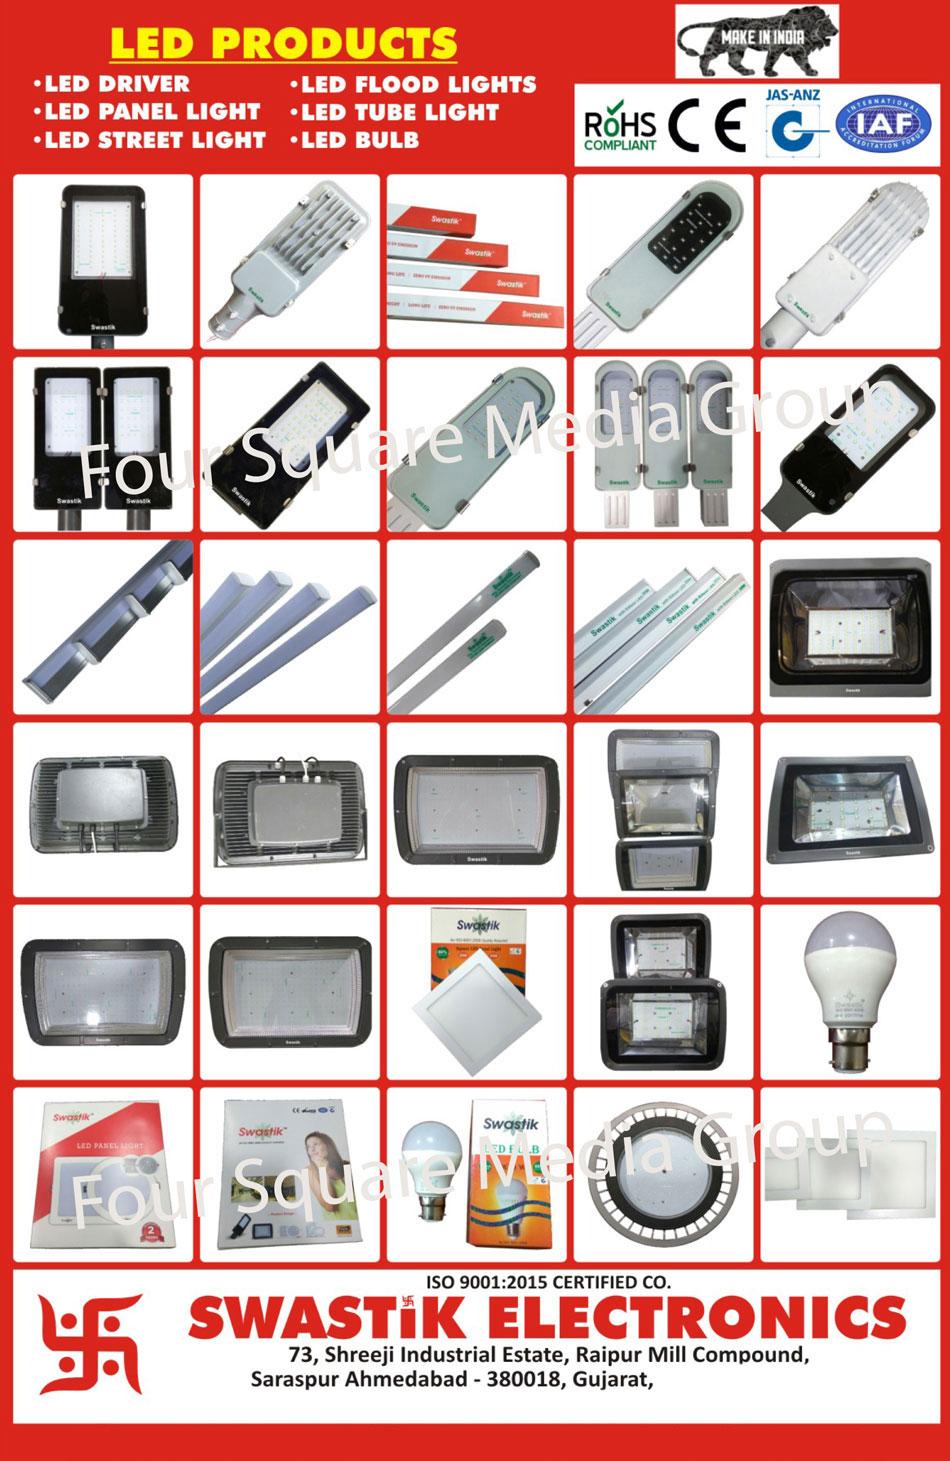 Led Lights, Led Panel Lights, Led Street Lights, Led Tube Lights, Bulbs, Led Drivers, Led Flood Lights